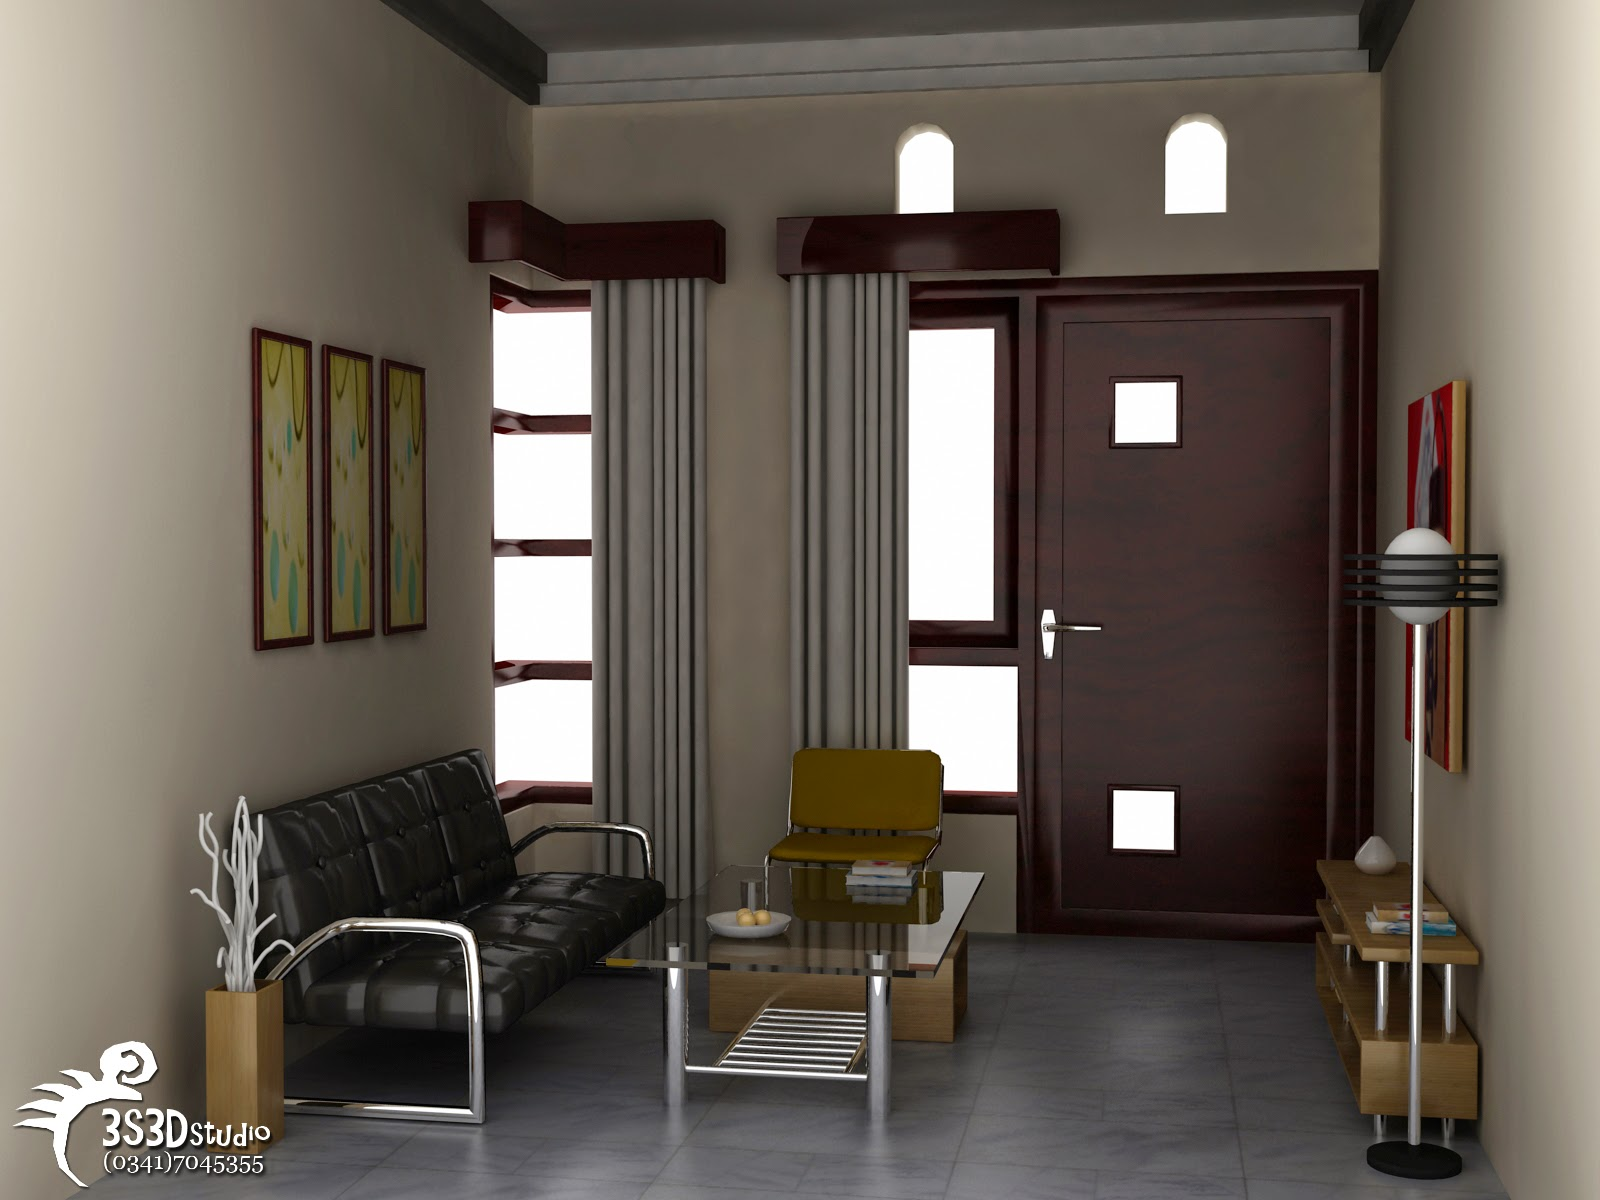 Desain Ruang Tamu Rumah Btn Wallpaper Dinding